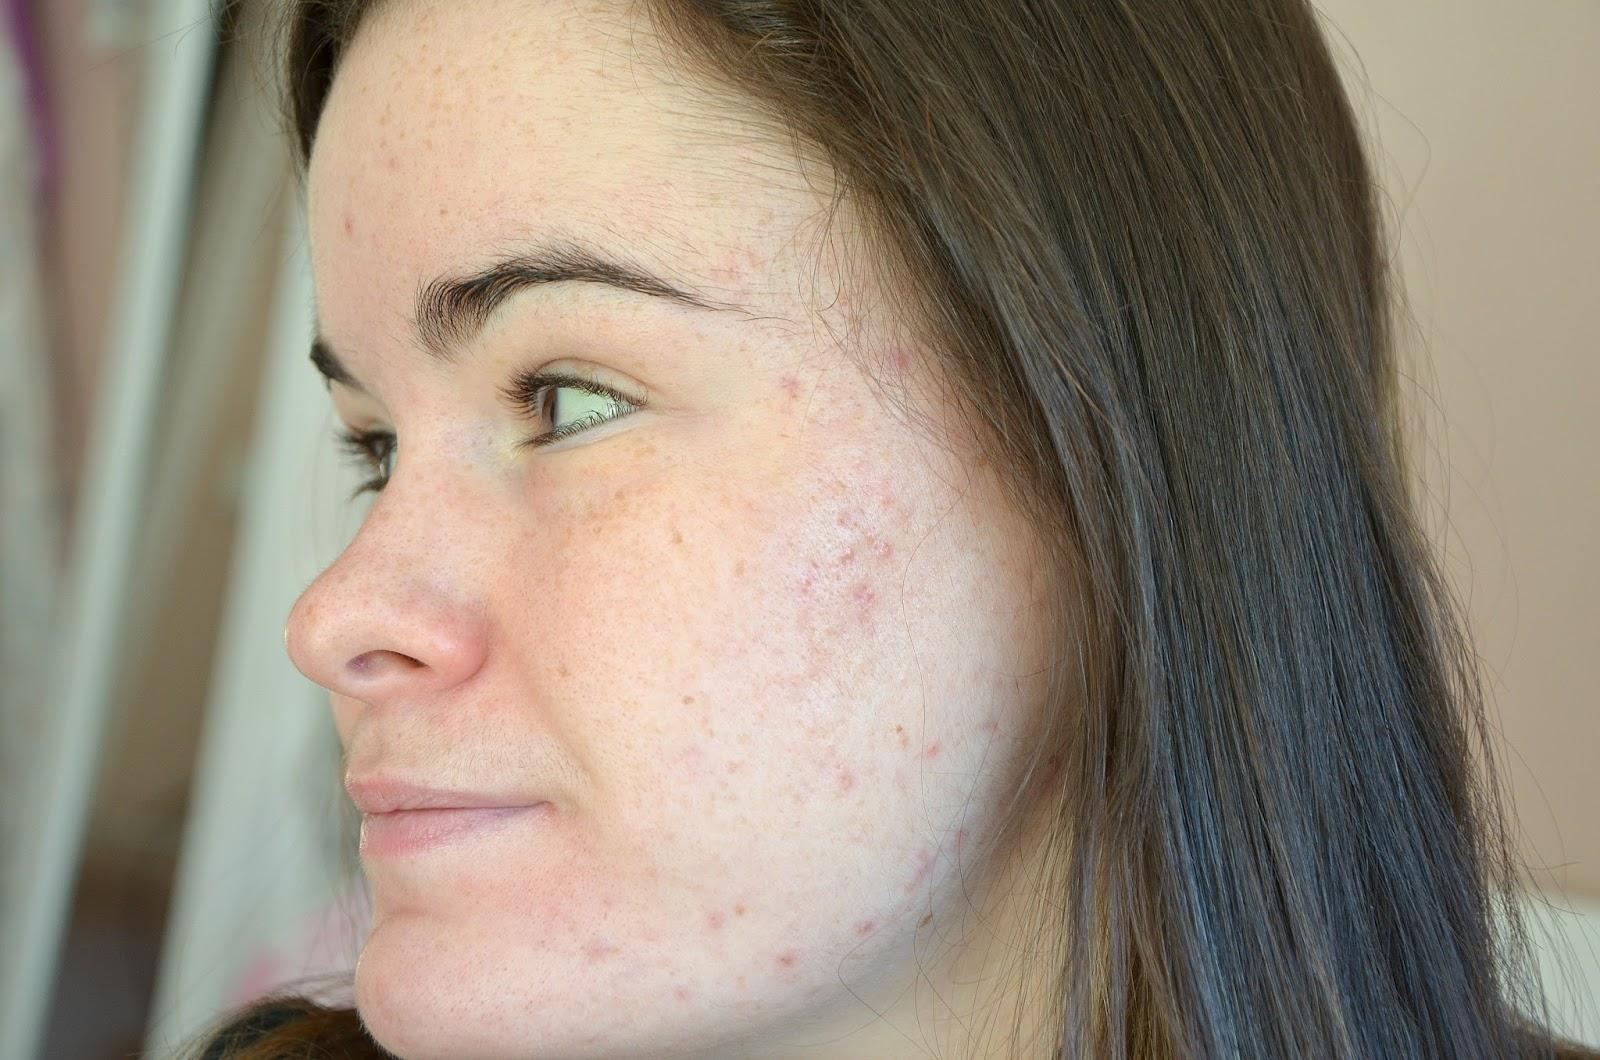 Troisième moi de traitement contre l'acné (mars 2017) côté gauche